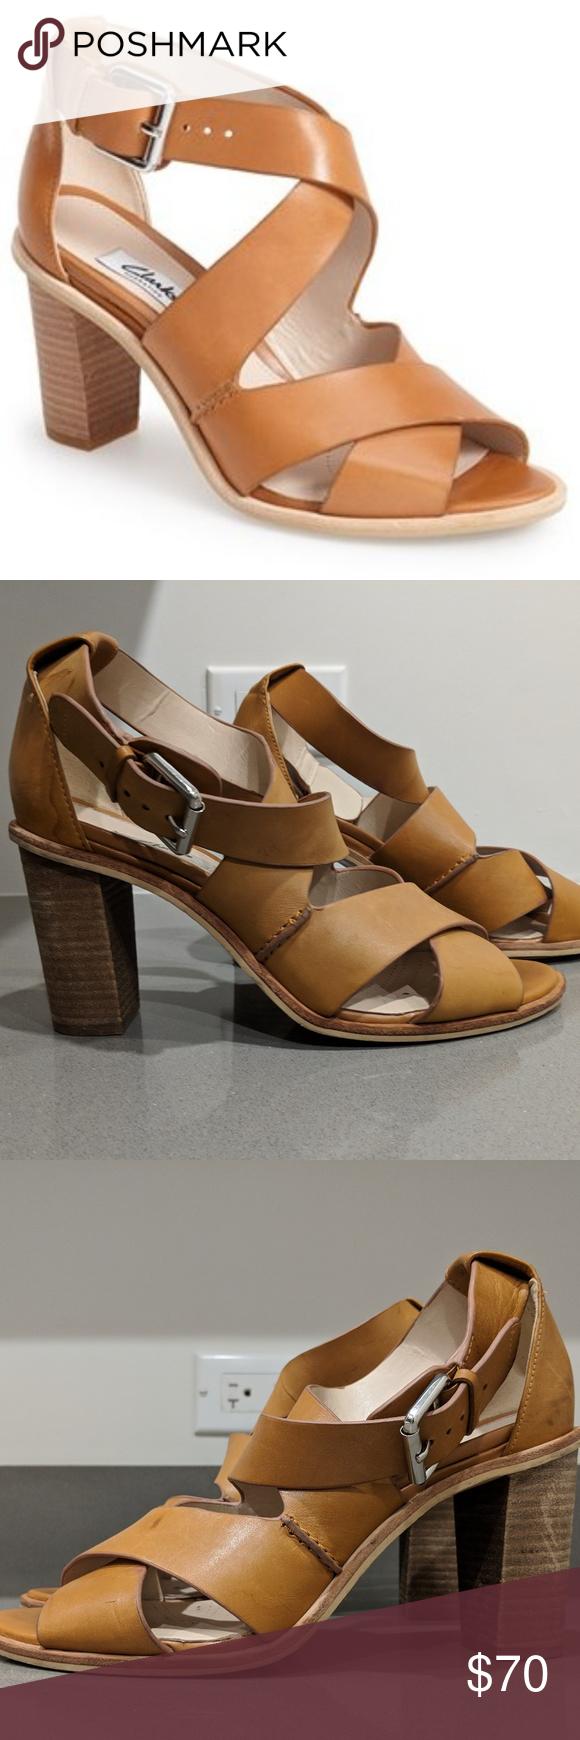 027e6dd0dd65 Clarks Narrative Oriana Bess Tan Sandal Heels 8.5 Used